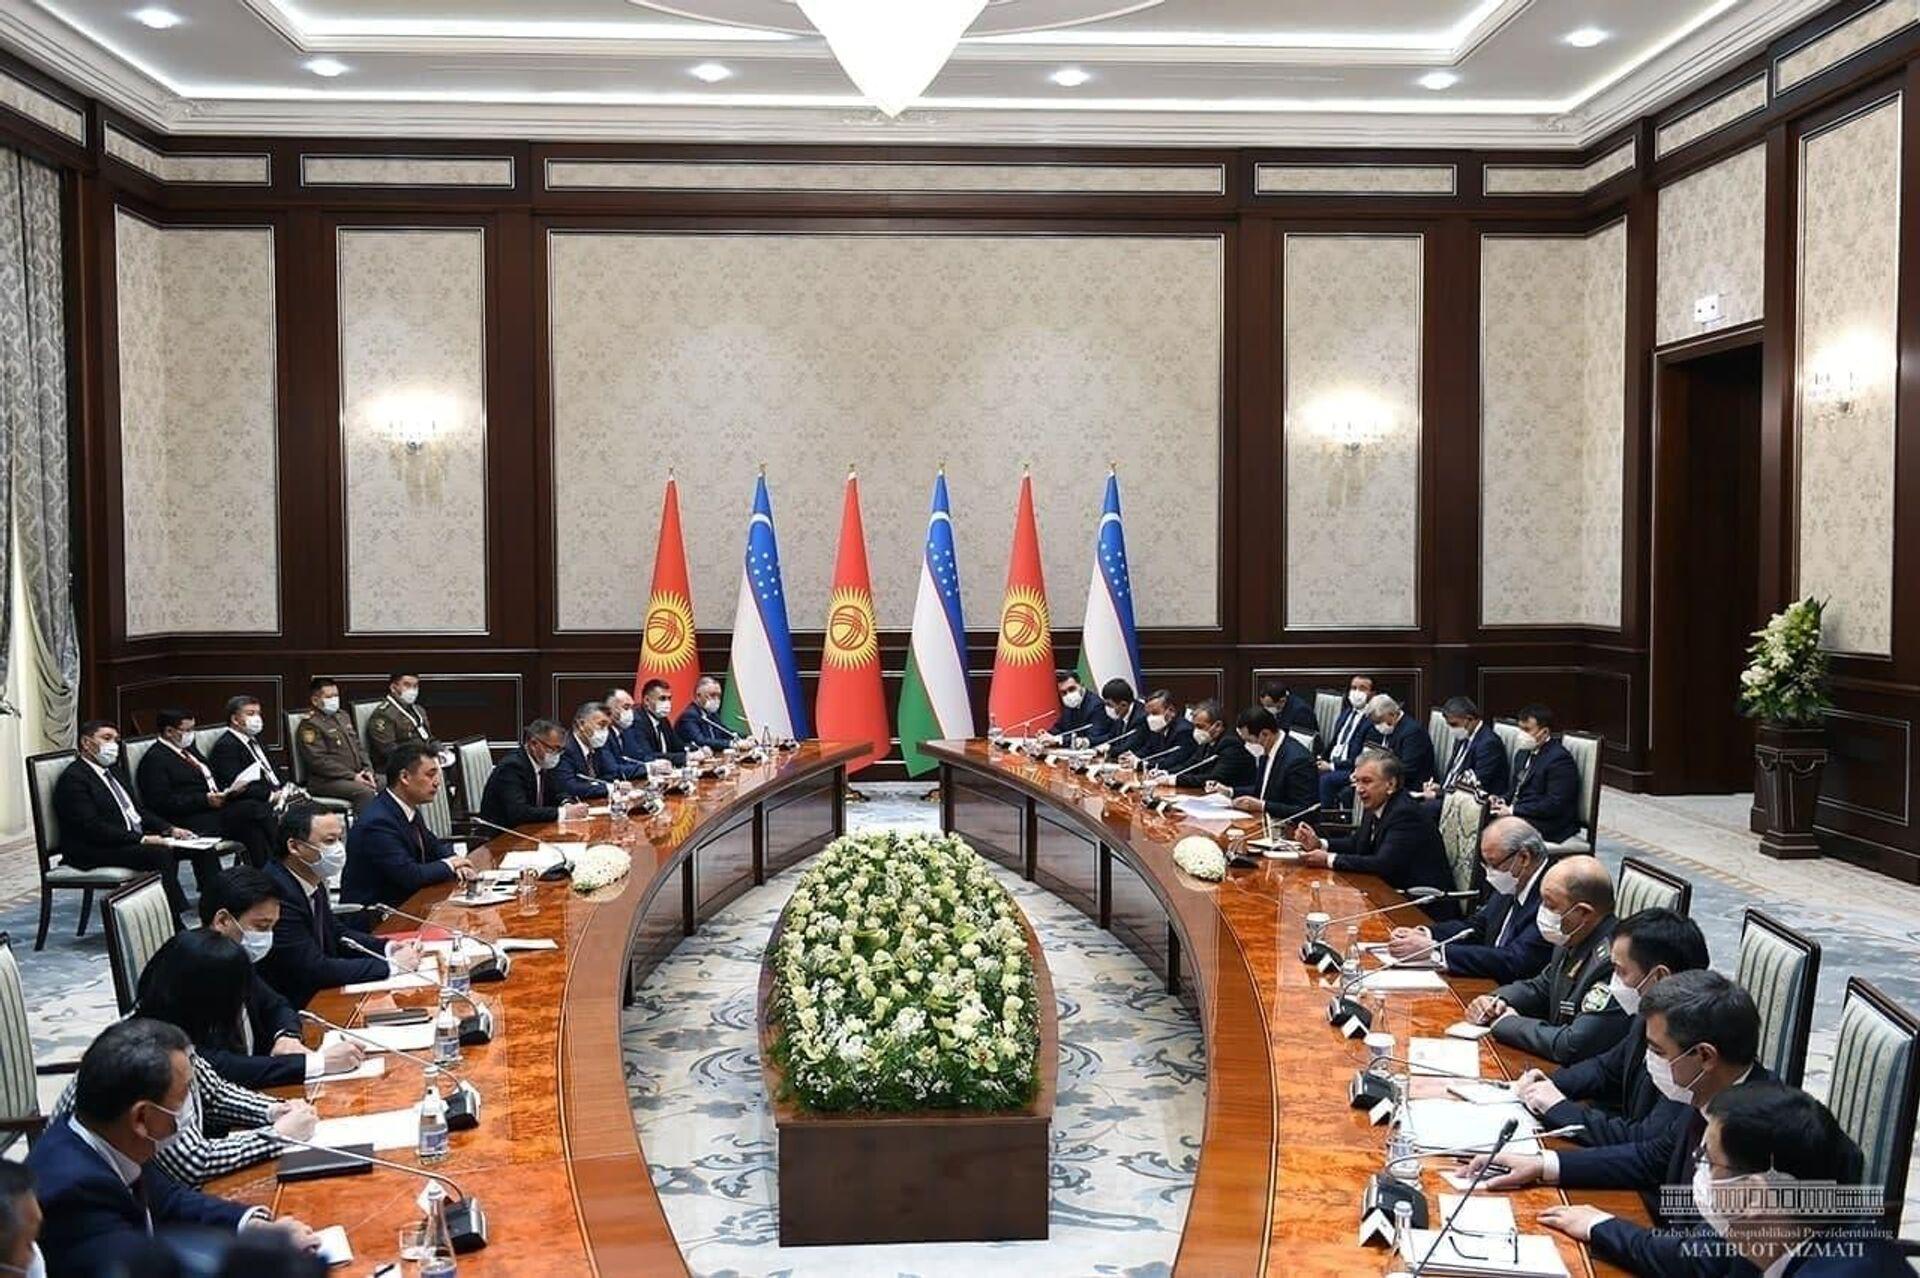 Президенты Узбекистана и Кыргызстана Шавкат Мирзиёев и Садыр Жапаров провели переговоры в расширенном формате - Sputnik Узбекистан, 1920, 12.03.2021